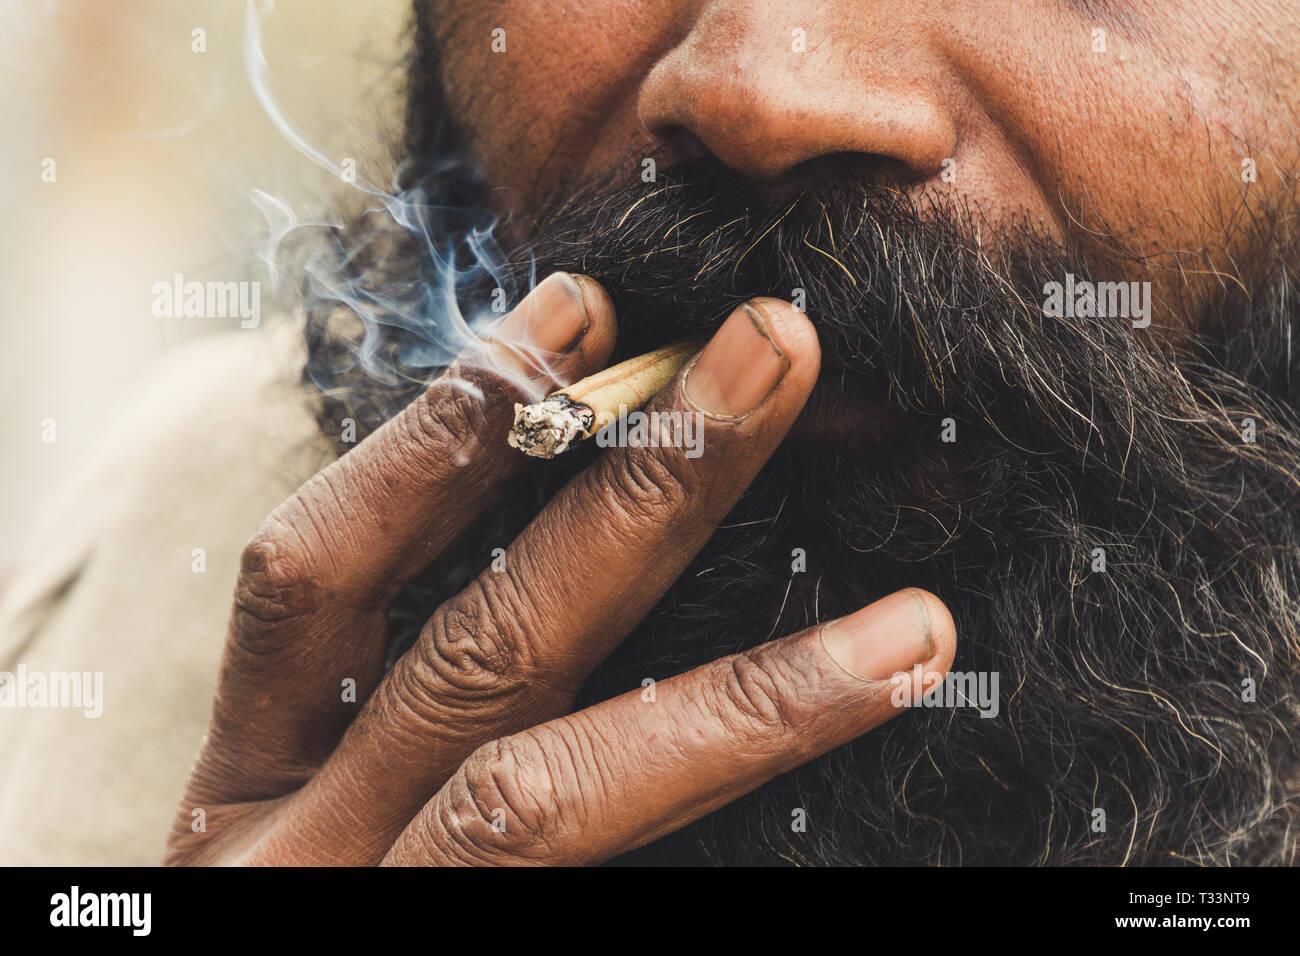 Sadhu Smoking High Resolution Stock Photography And Images Alamy